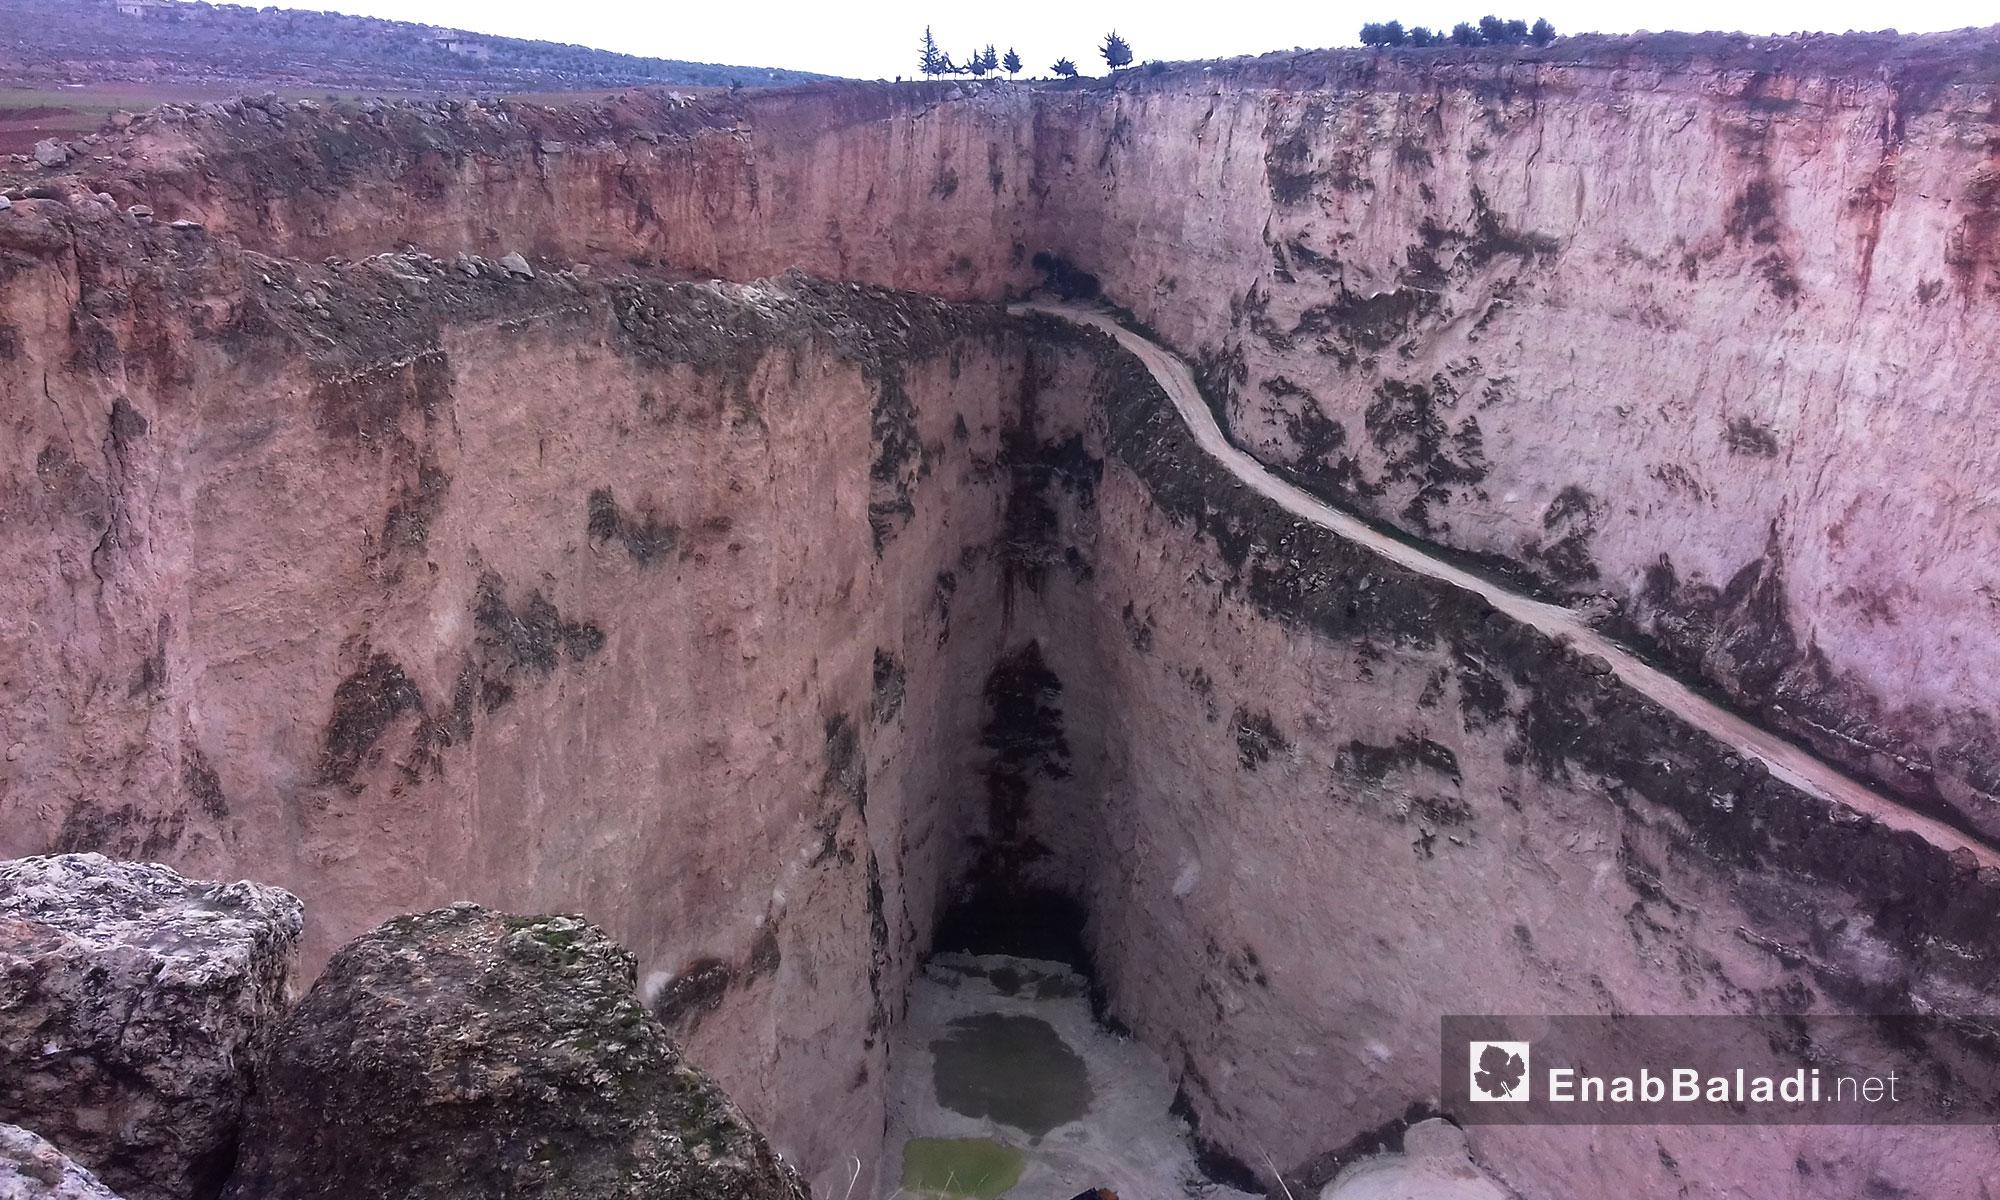 منطقة المقلع على طريق إدلب معرة مصرين - 8 كانون الثاني (عنب بلدي)